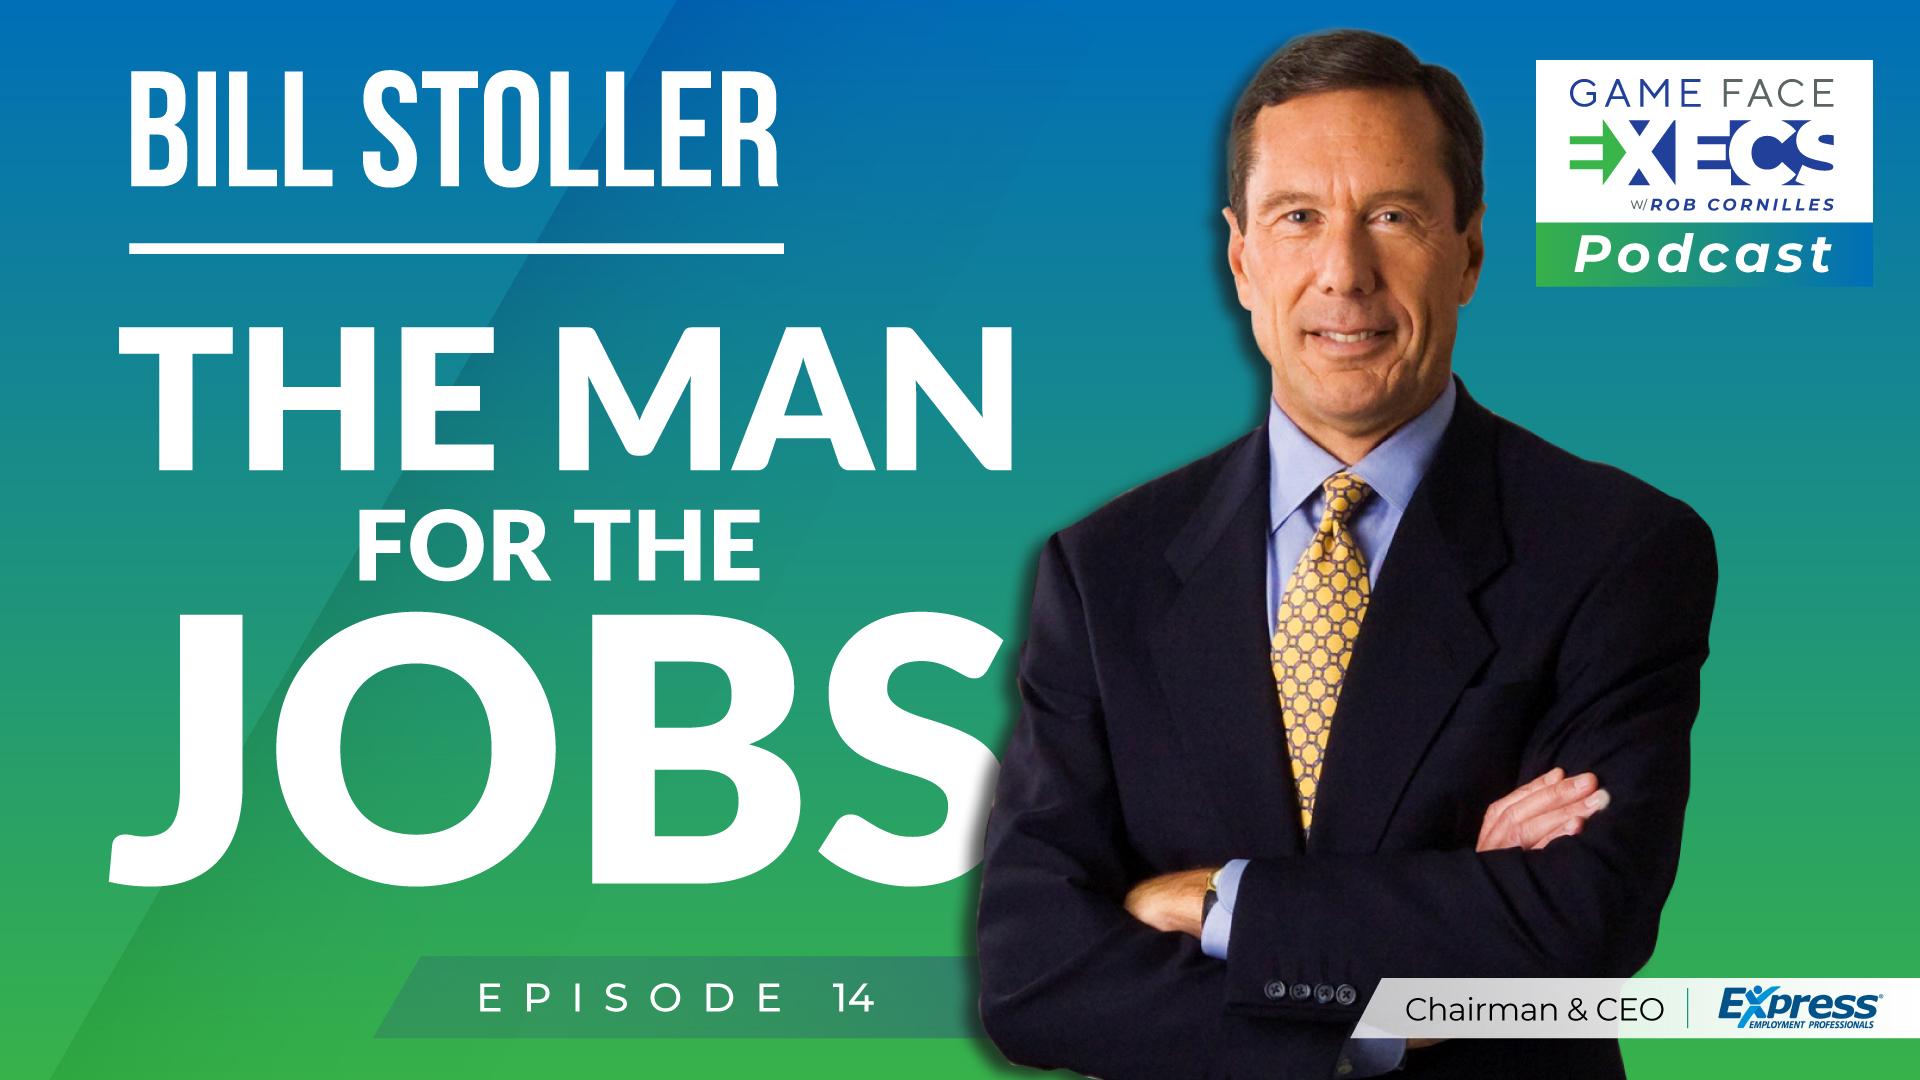 Game Face Execs podcast episode 14 Bill Stoler